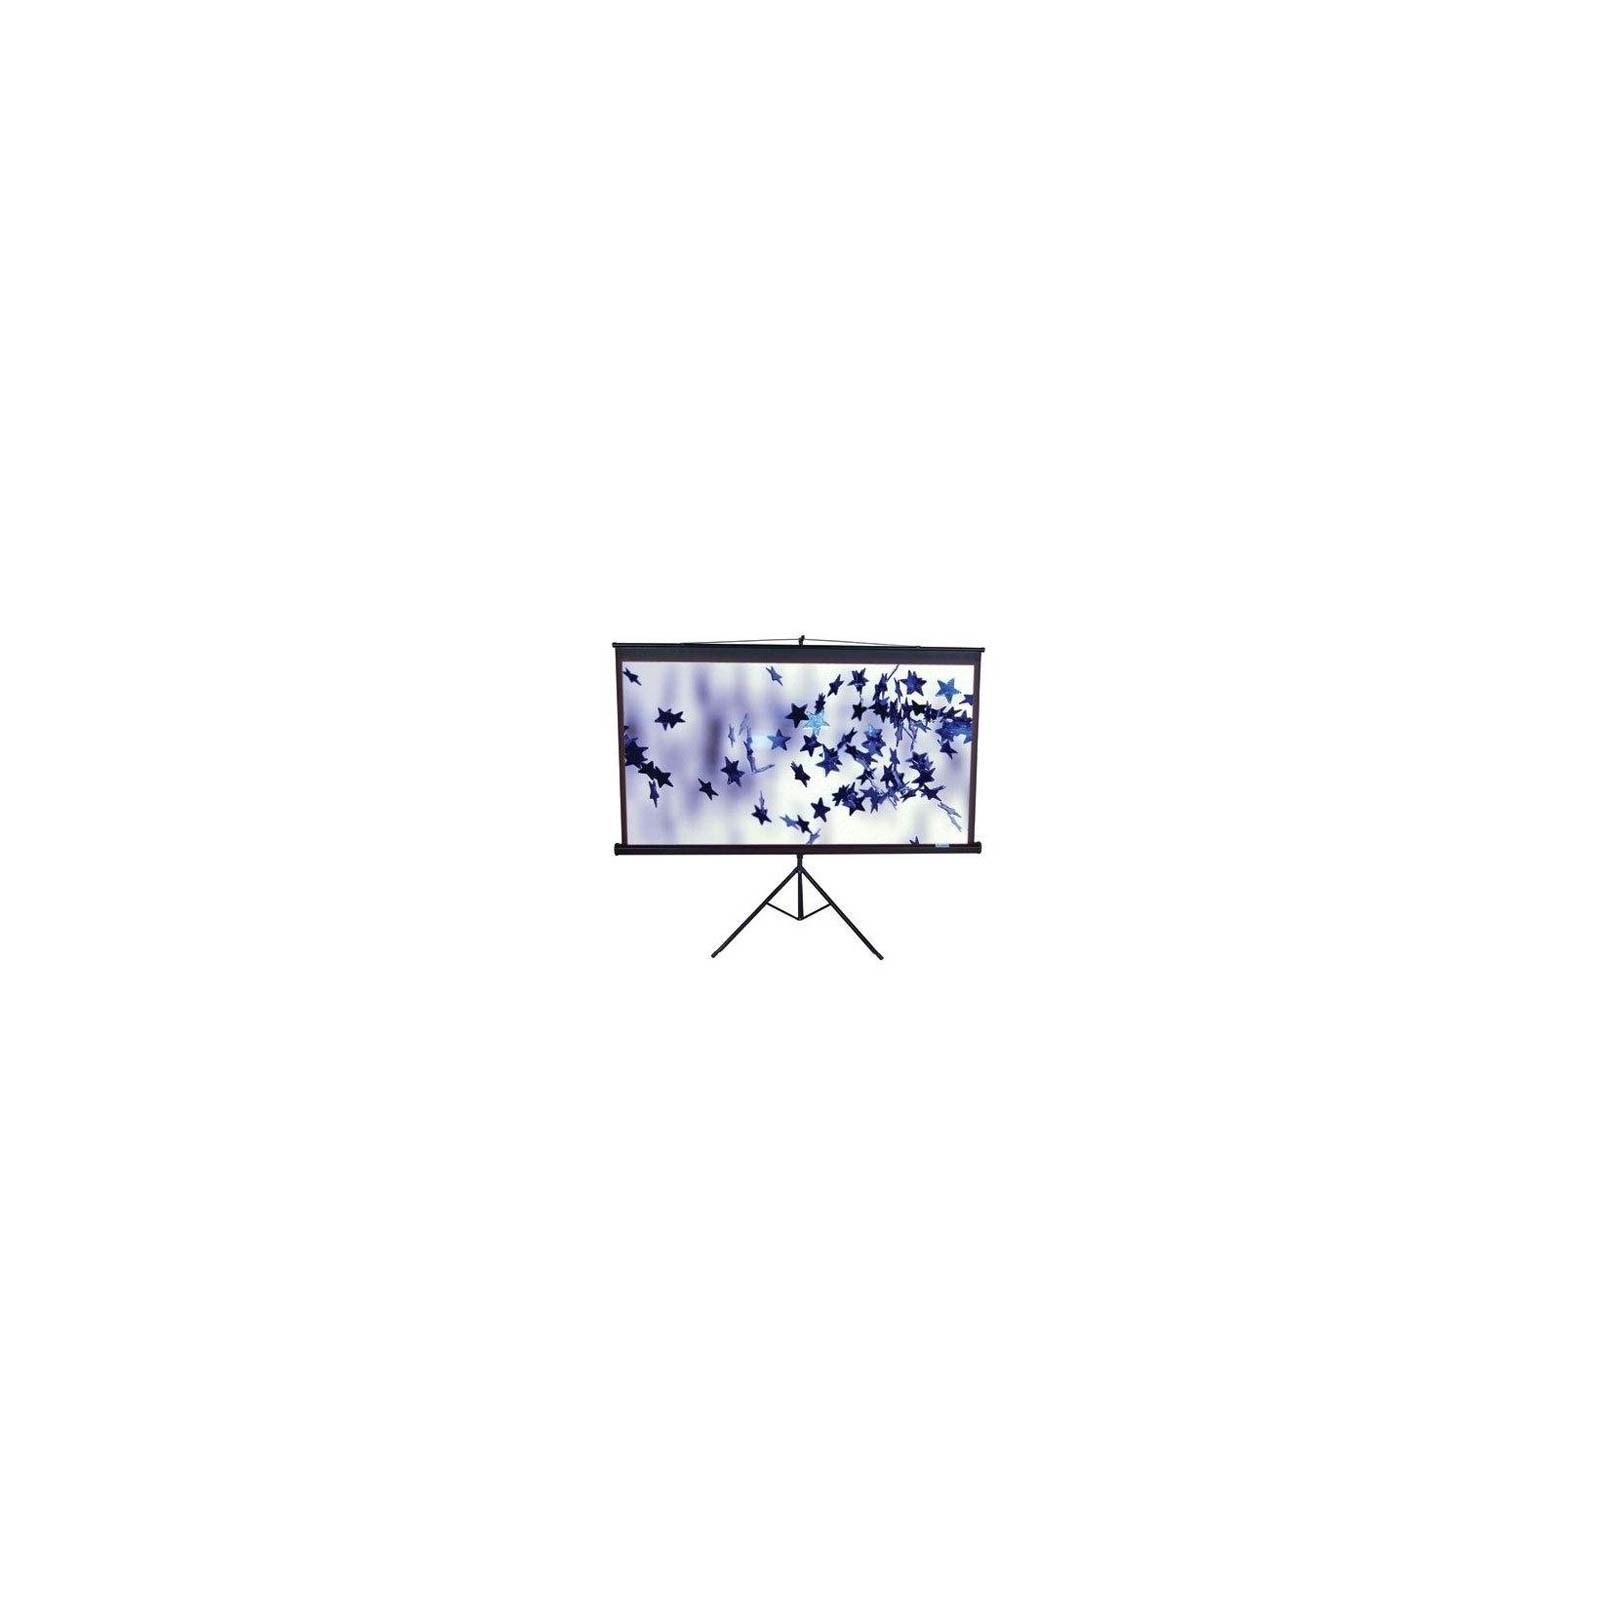 Проекционный экран T120UWV1 Black Cas ELITE SCREENS (T120UWV1)